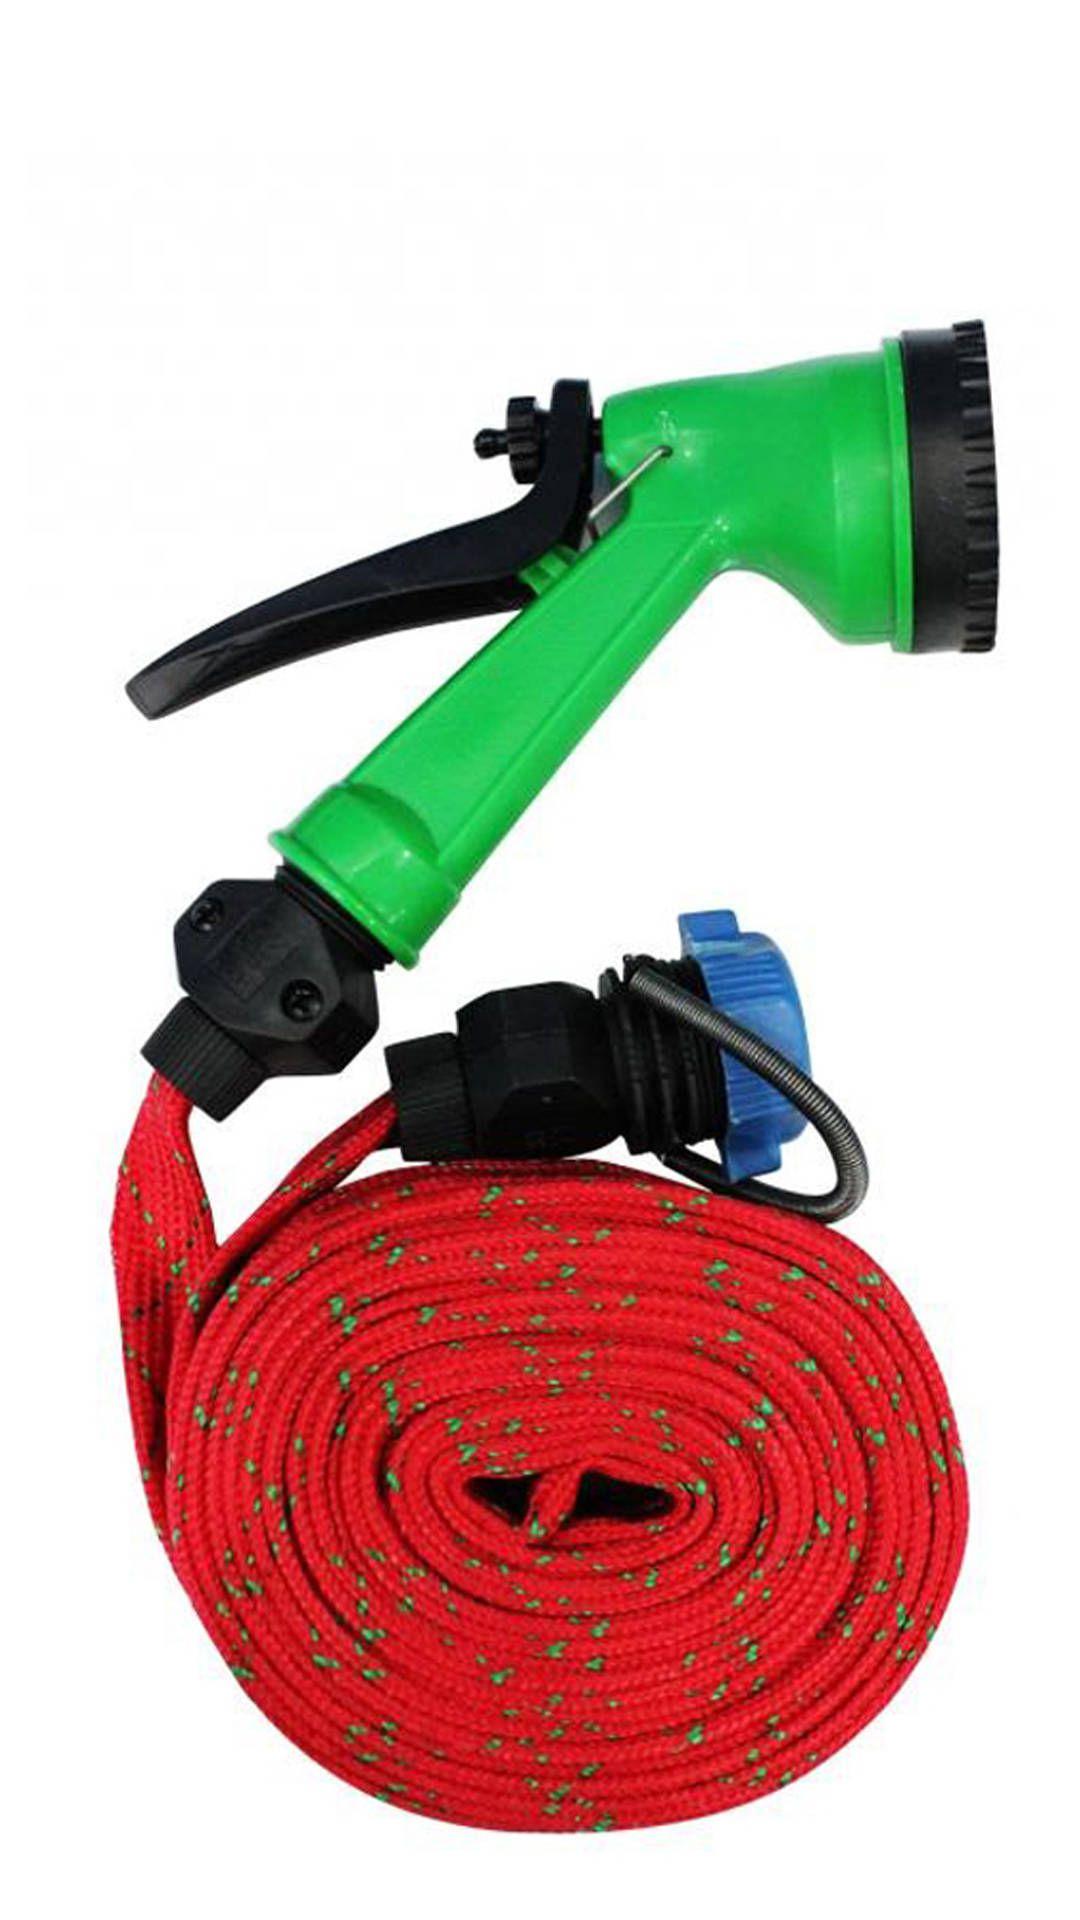 car washing pipe with pressure water spray jet gun 10 meter hose